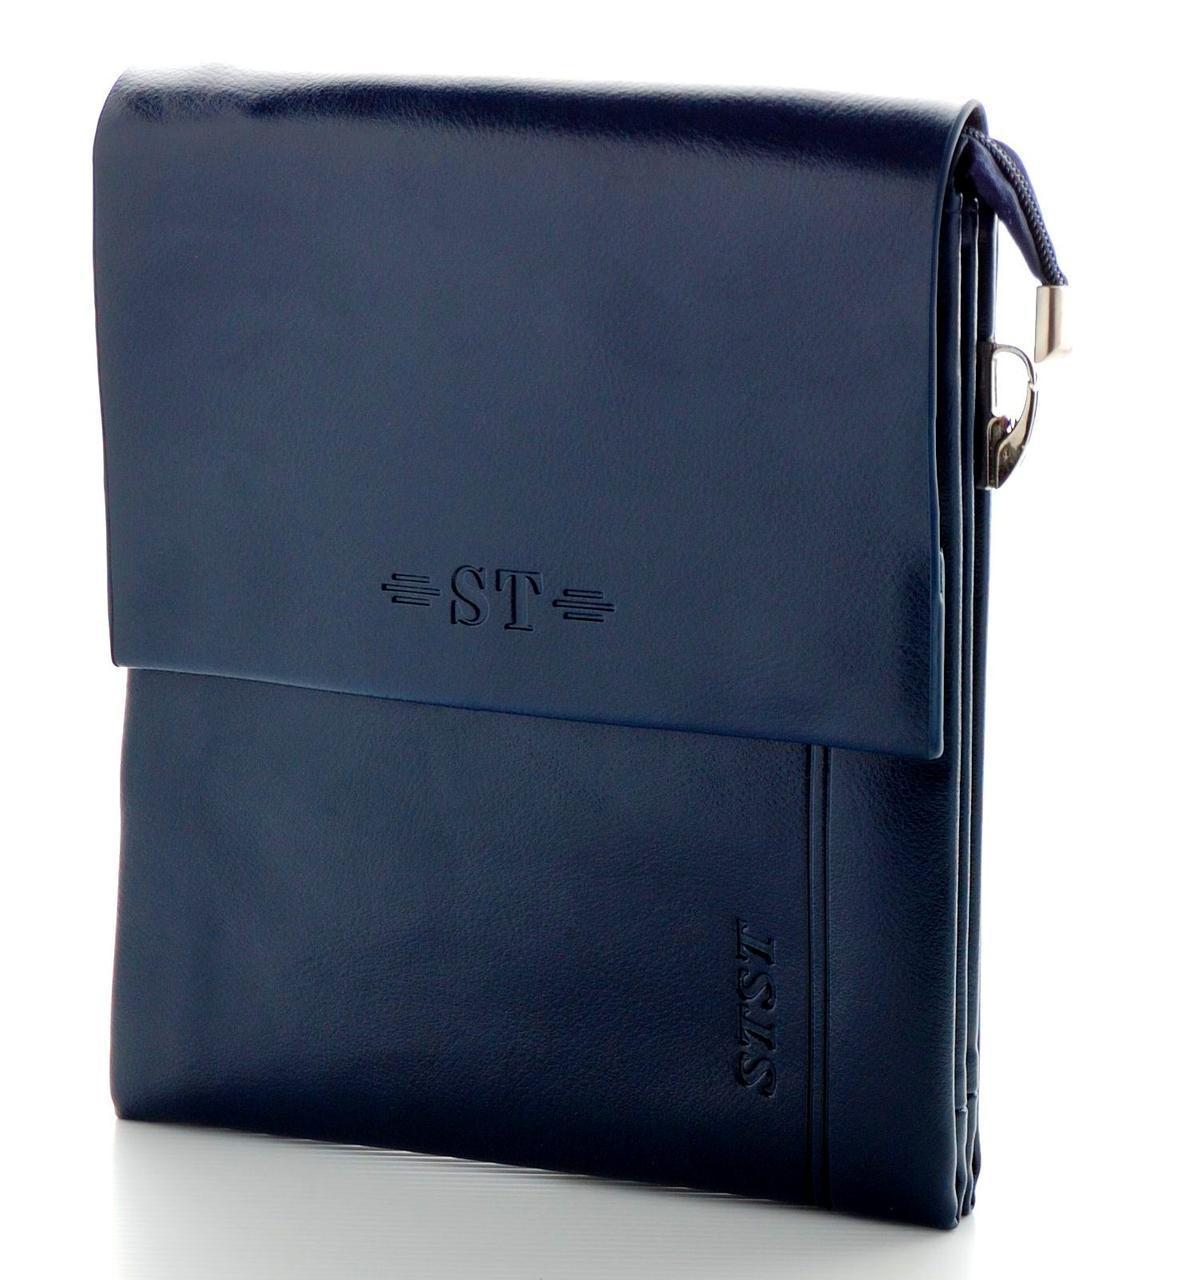 Мужская кожаная сумка ST Синего цвета